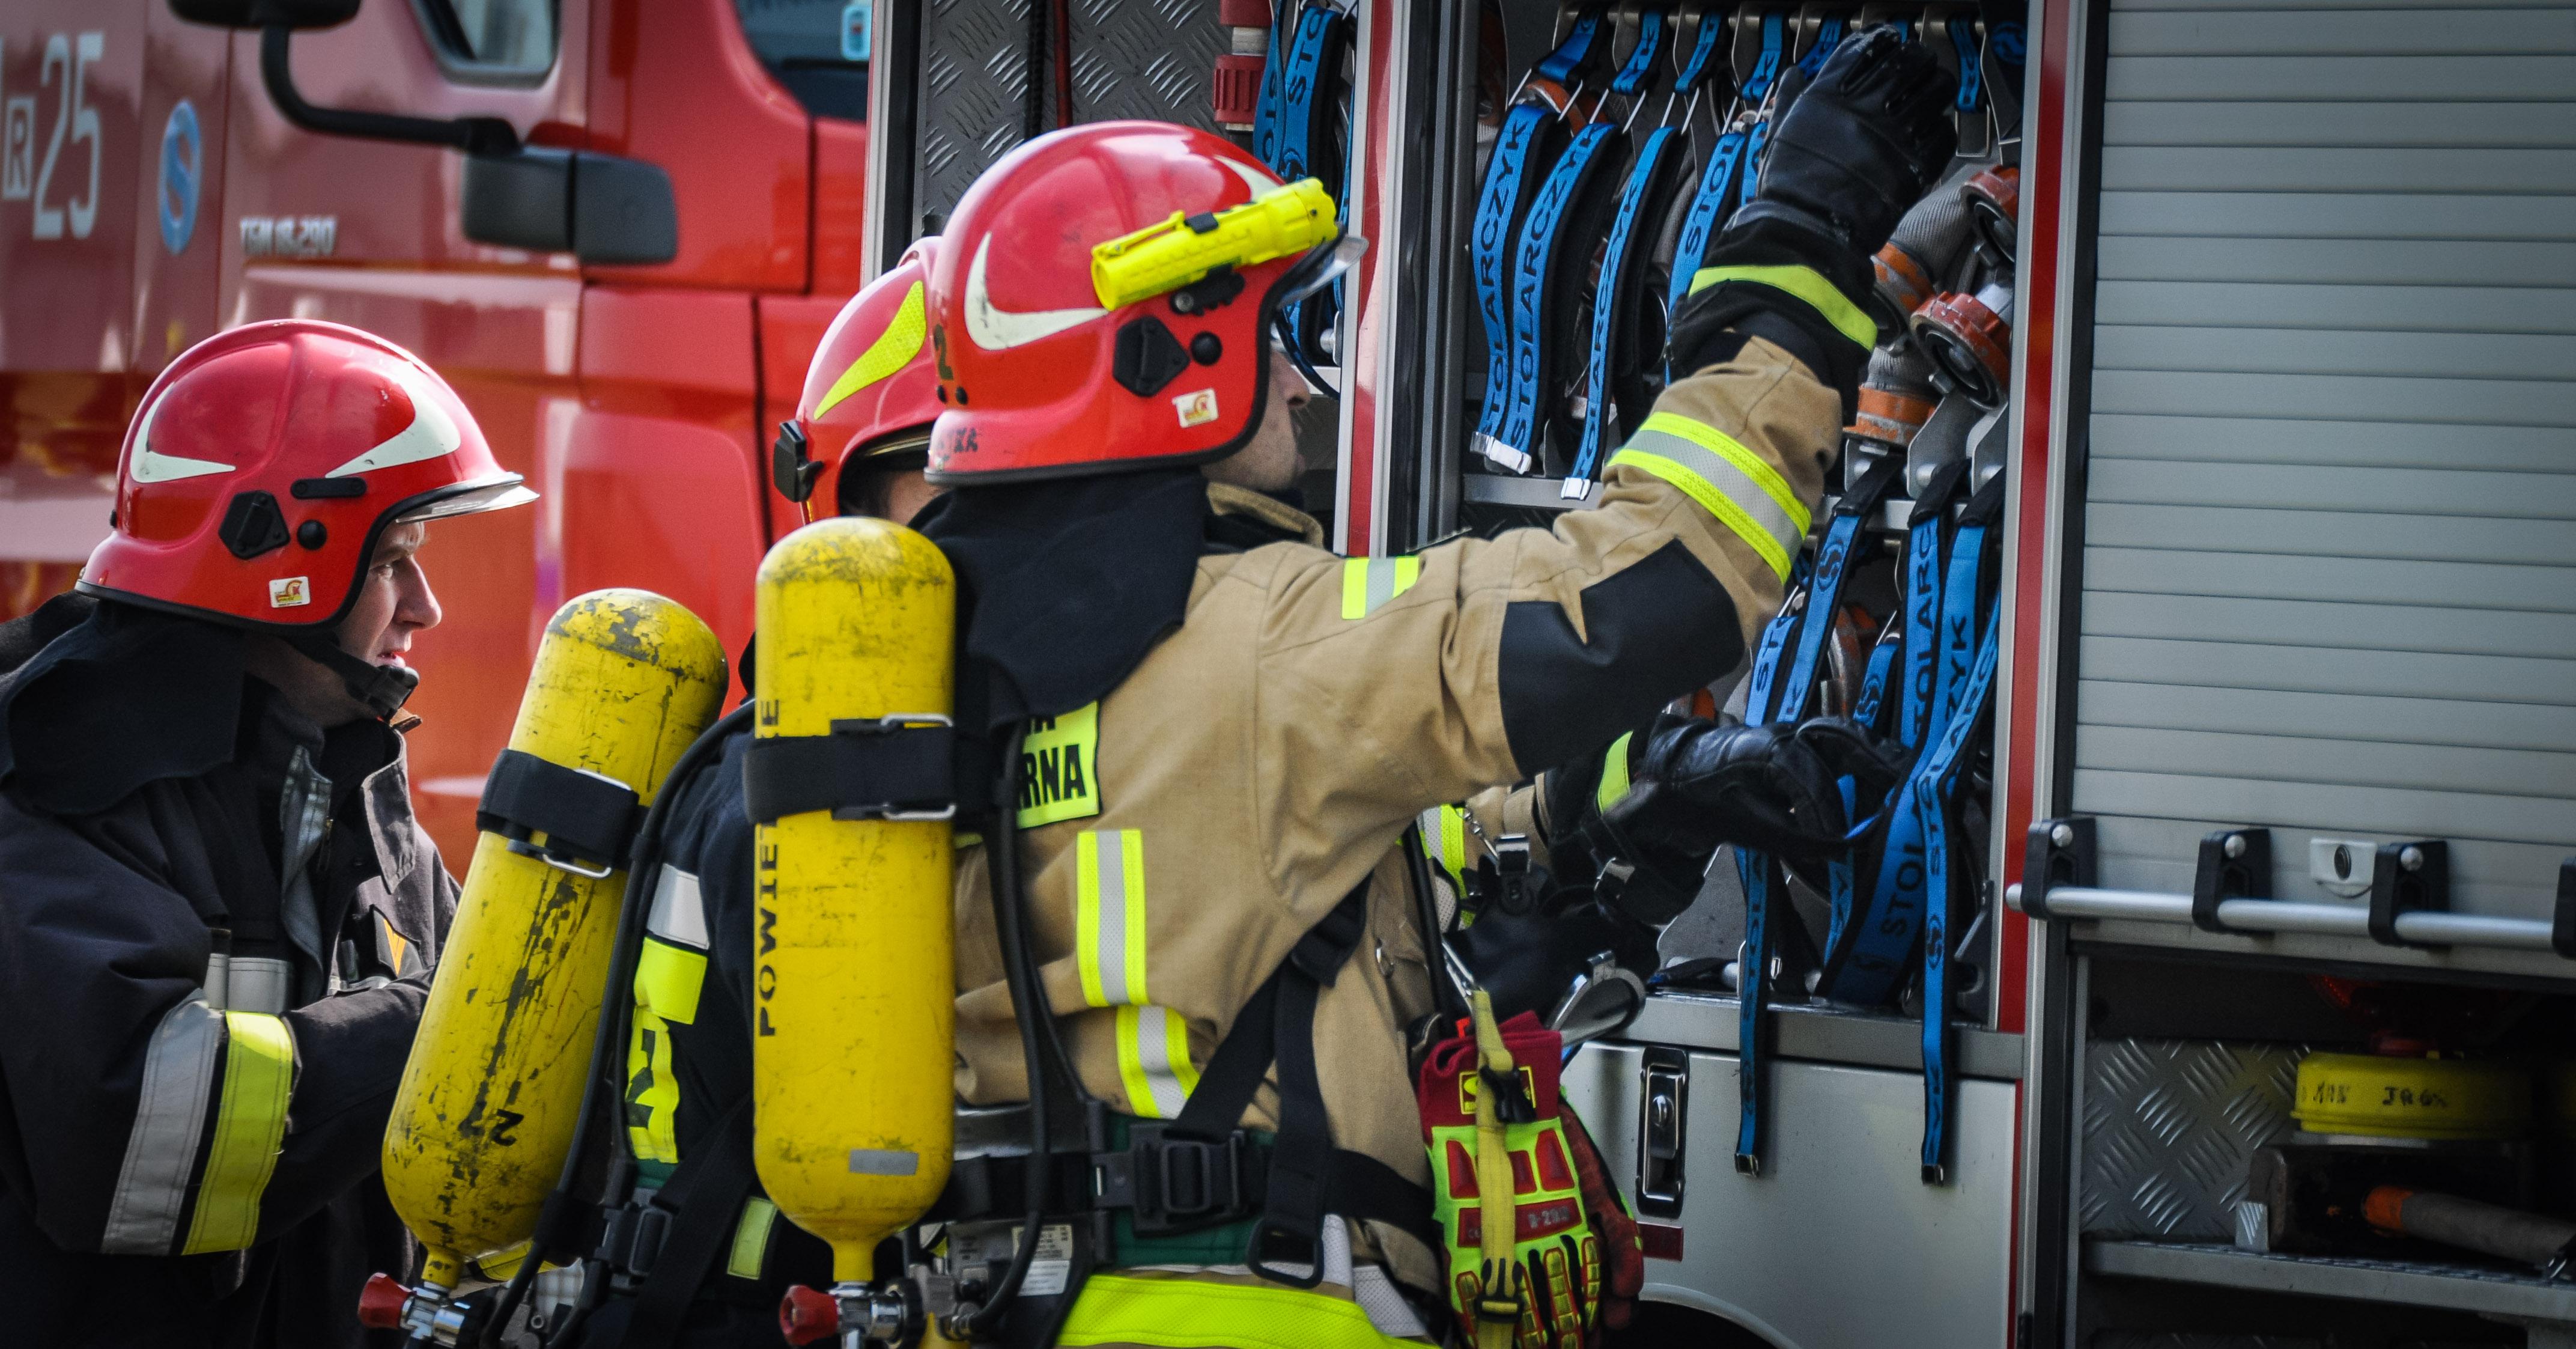 Zabezpieczenia przeciwpożarowe - Zdjęcie główne